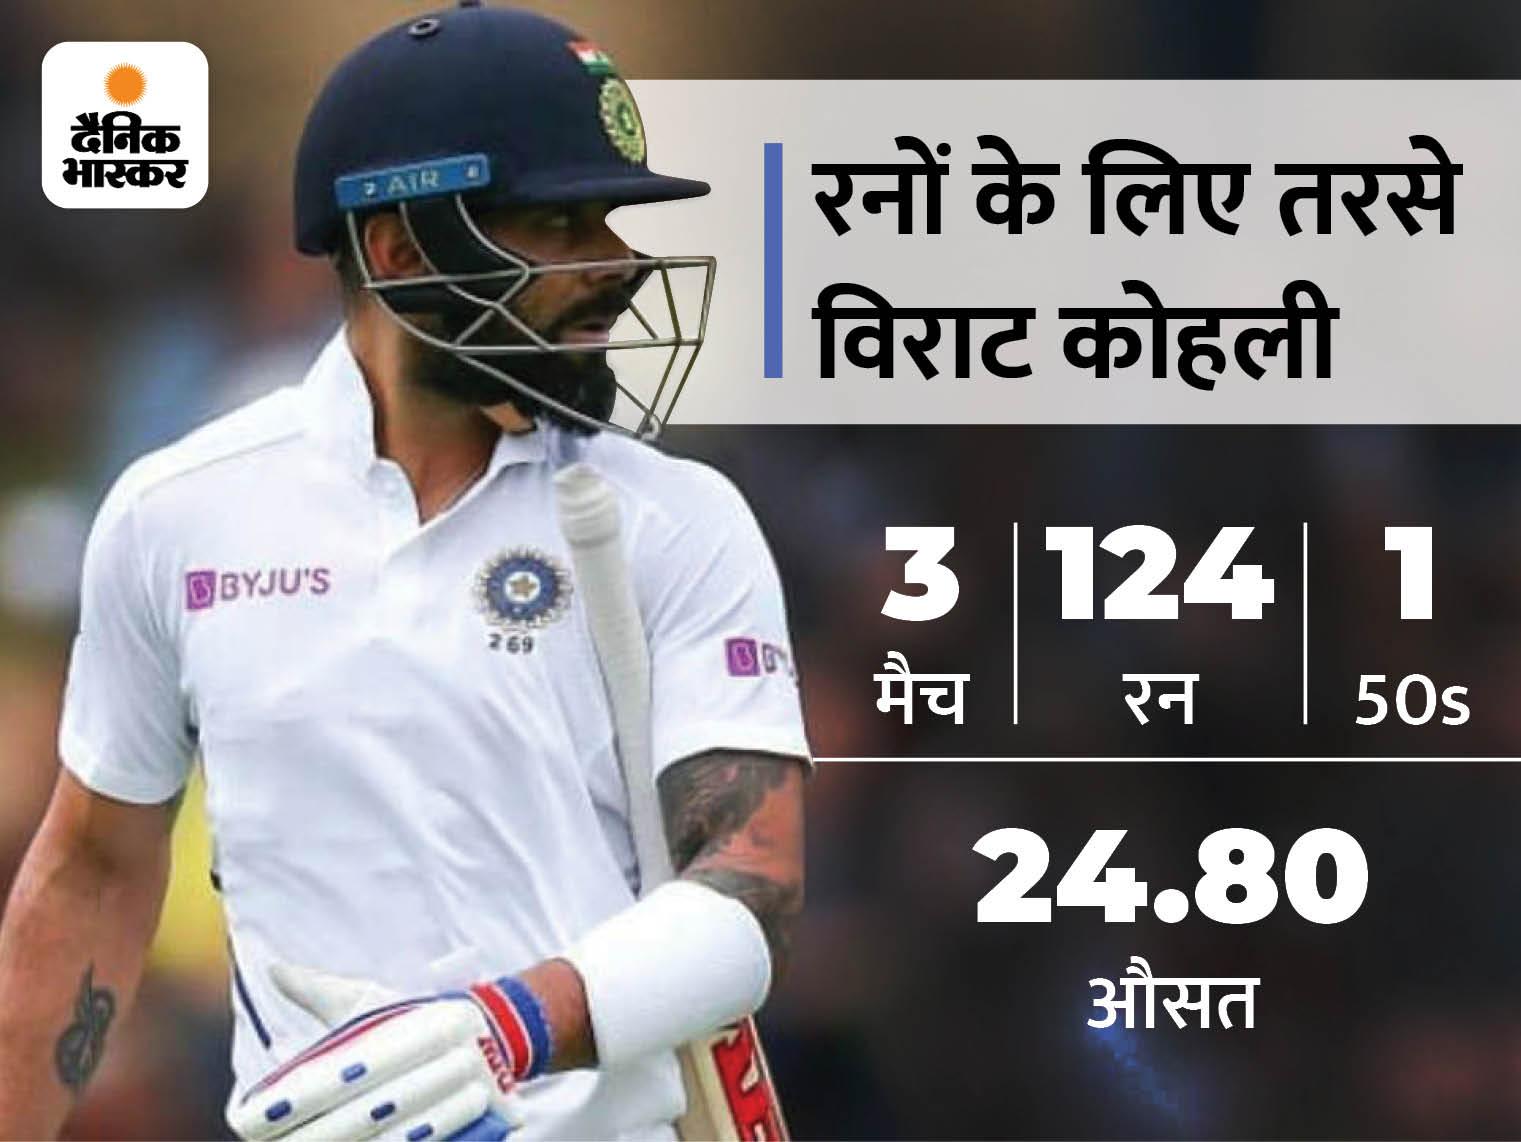 जो रूट ने कहा- अभी तक हमारे गेंदबाजों ने विराट कोहली के खिलाफ शानदार गेंदबाजी की, हमने उन्हें आउट करने के कई तरीके खोजे|क्रिकेट,Cricket - Dainik Bhaskar